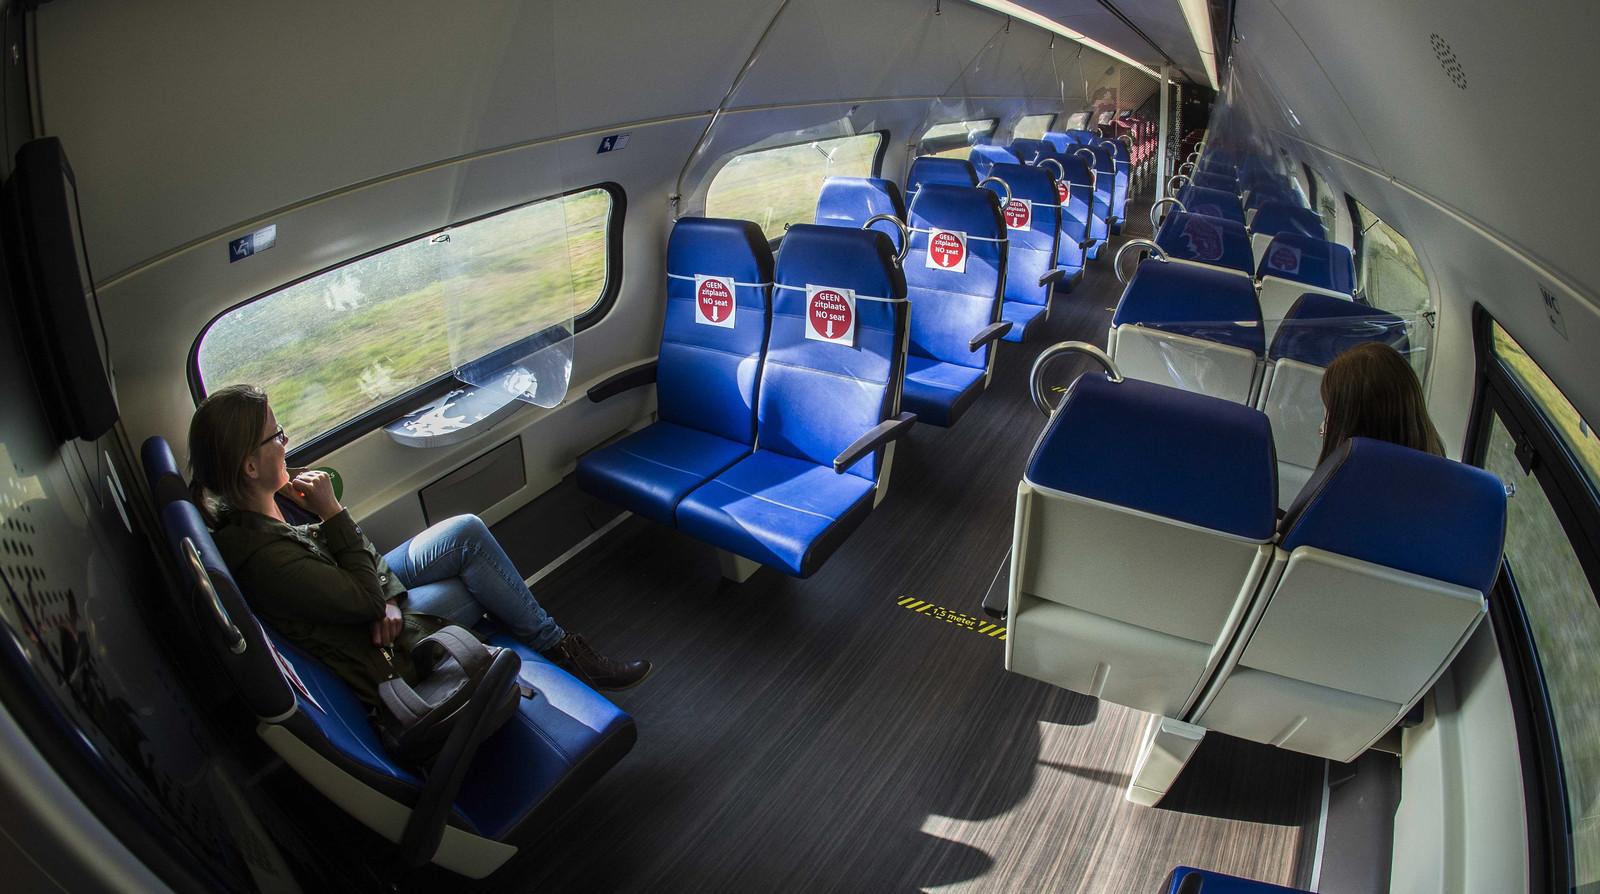 Een testtrein van de NS onderweg naar Groningen. De NS bereidt zich voor op de 1,5 meter samenleving en in de trein is aangegeven welke zitplaatsen wel en niet beschikbaar zijn voor reizigers. Ook is een coupe uitgerust met gordijnen van doorzichtig folie tussen de stoelen.